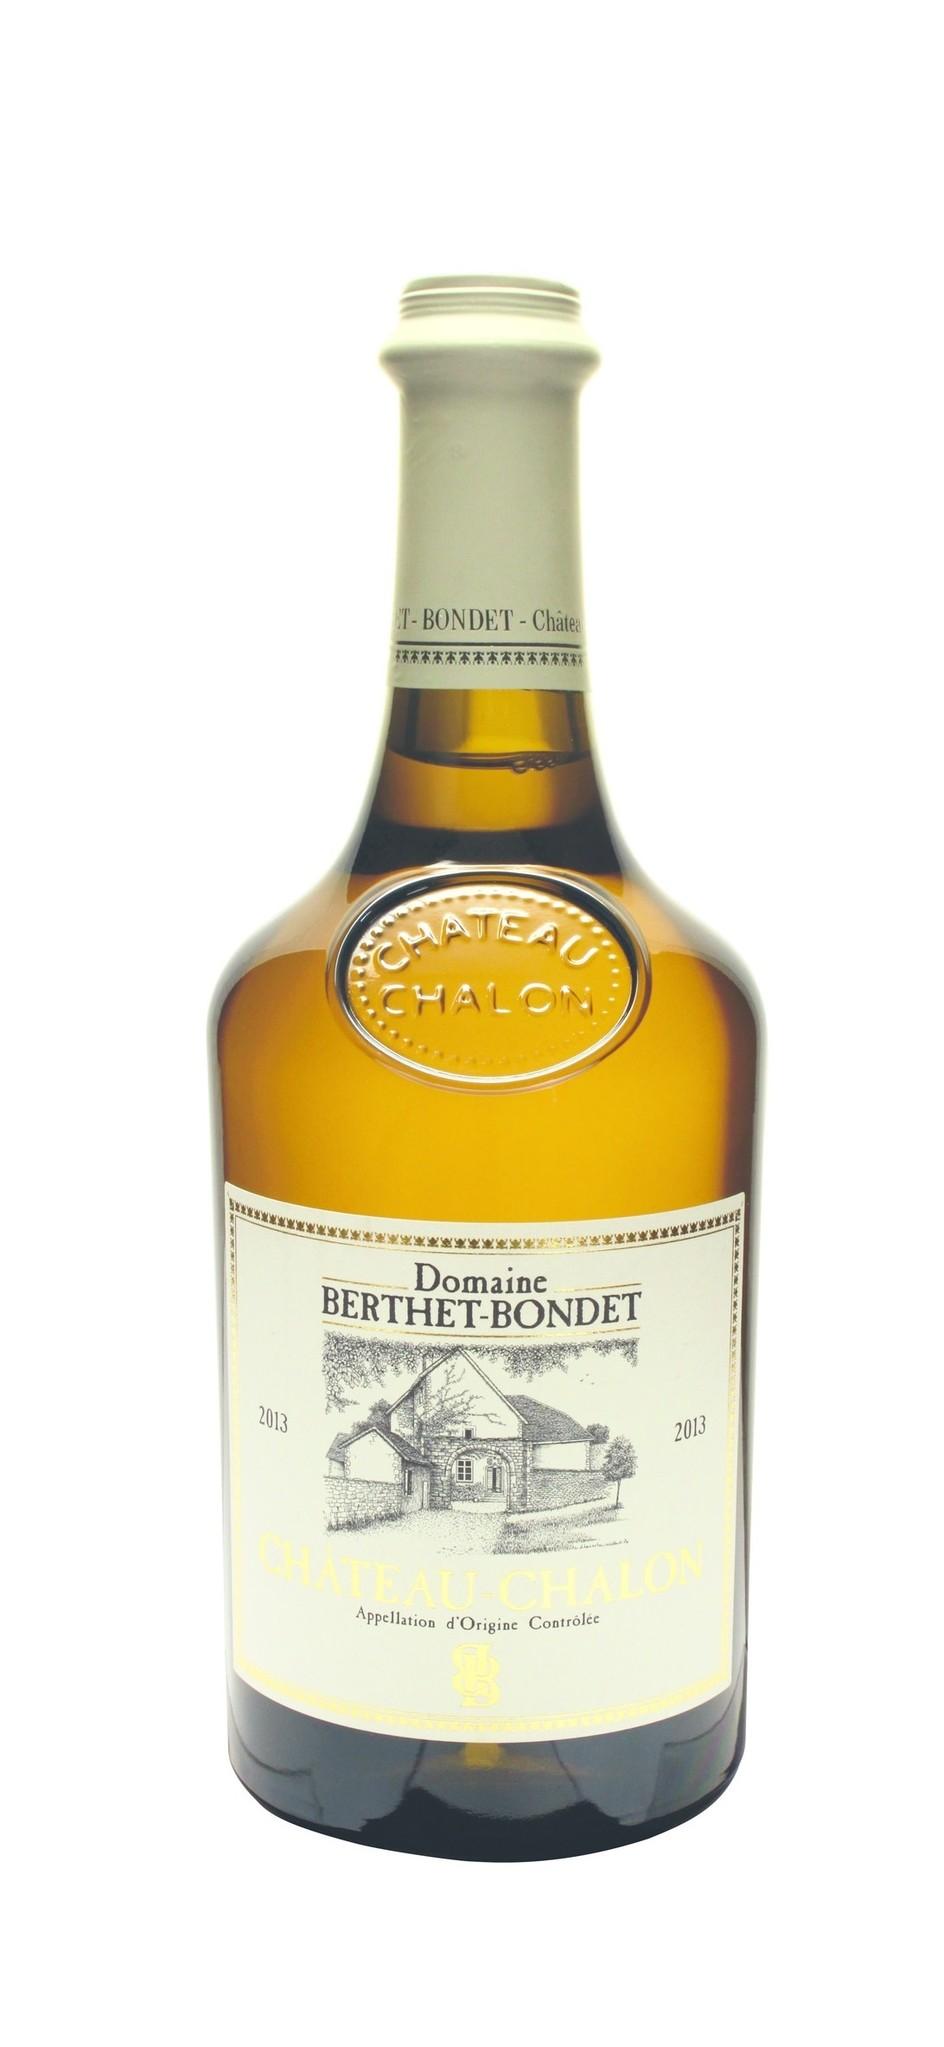 Berthet-Bondet - Jura 2013 Vin Jaune Chateau-Chalon, Domaine Berthet-Bondet 0,62L